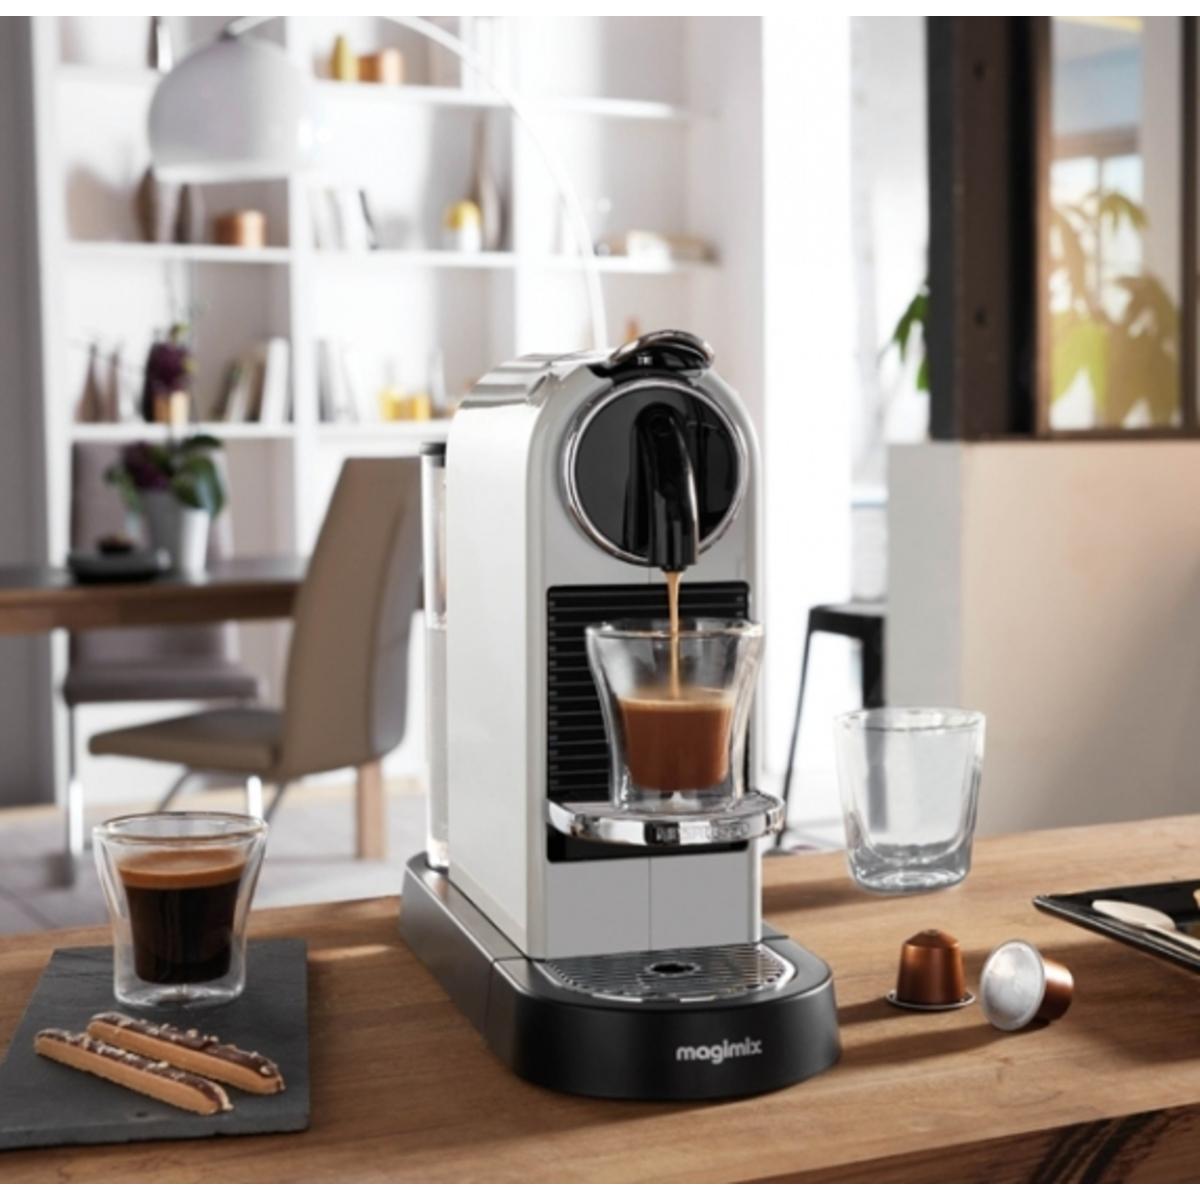 Magimix 11314 WHITE Nespresso CITIZ Coffee Machine in White